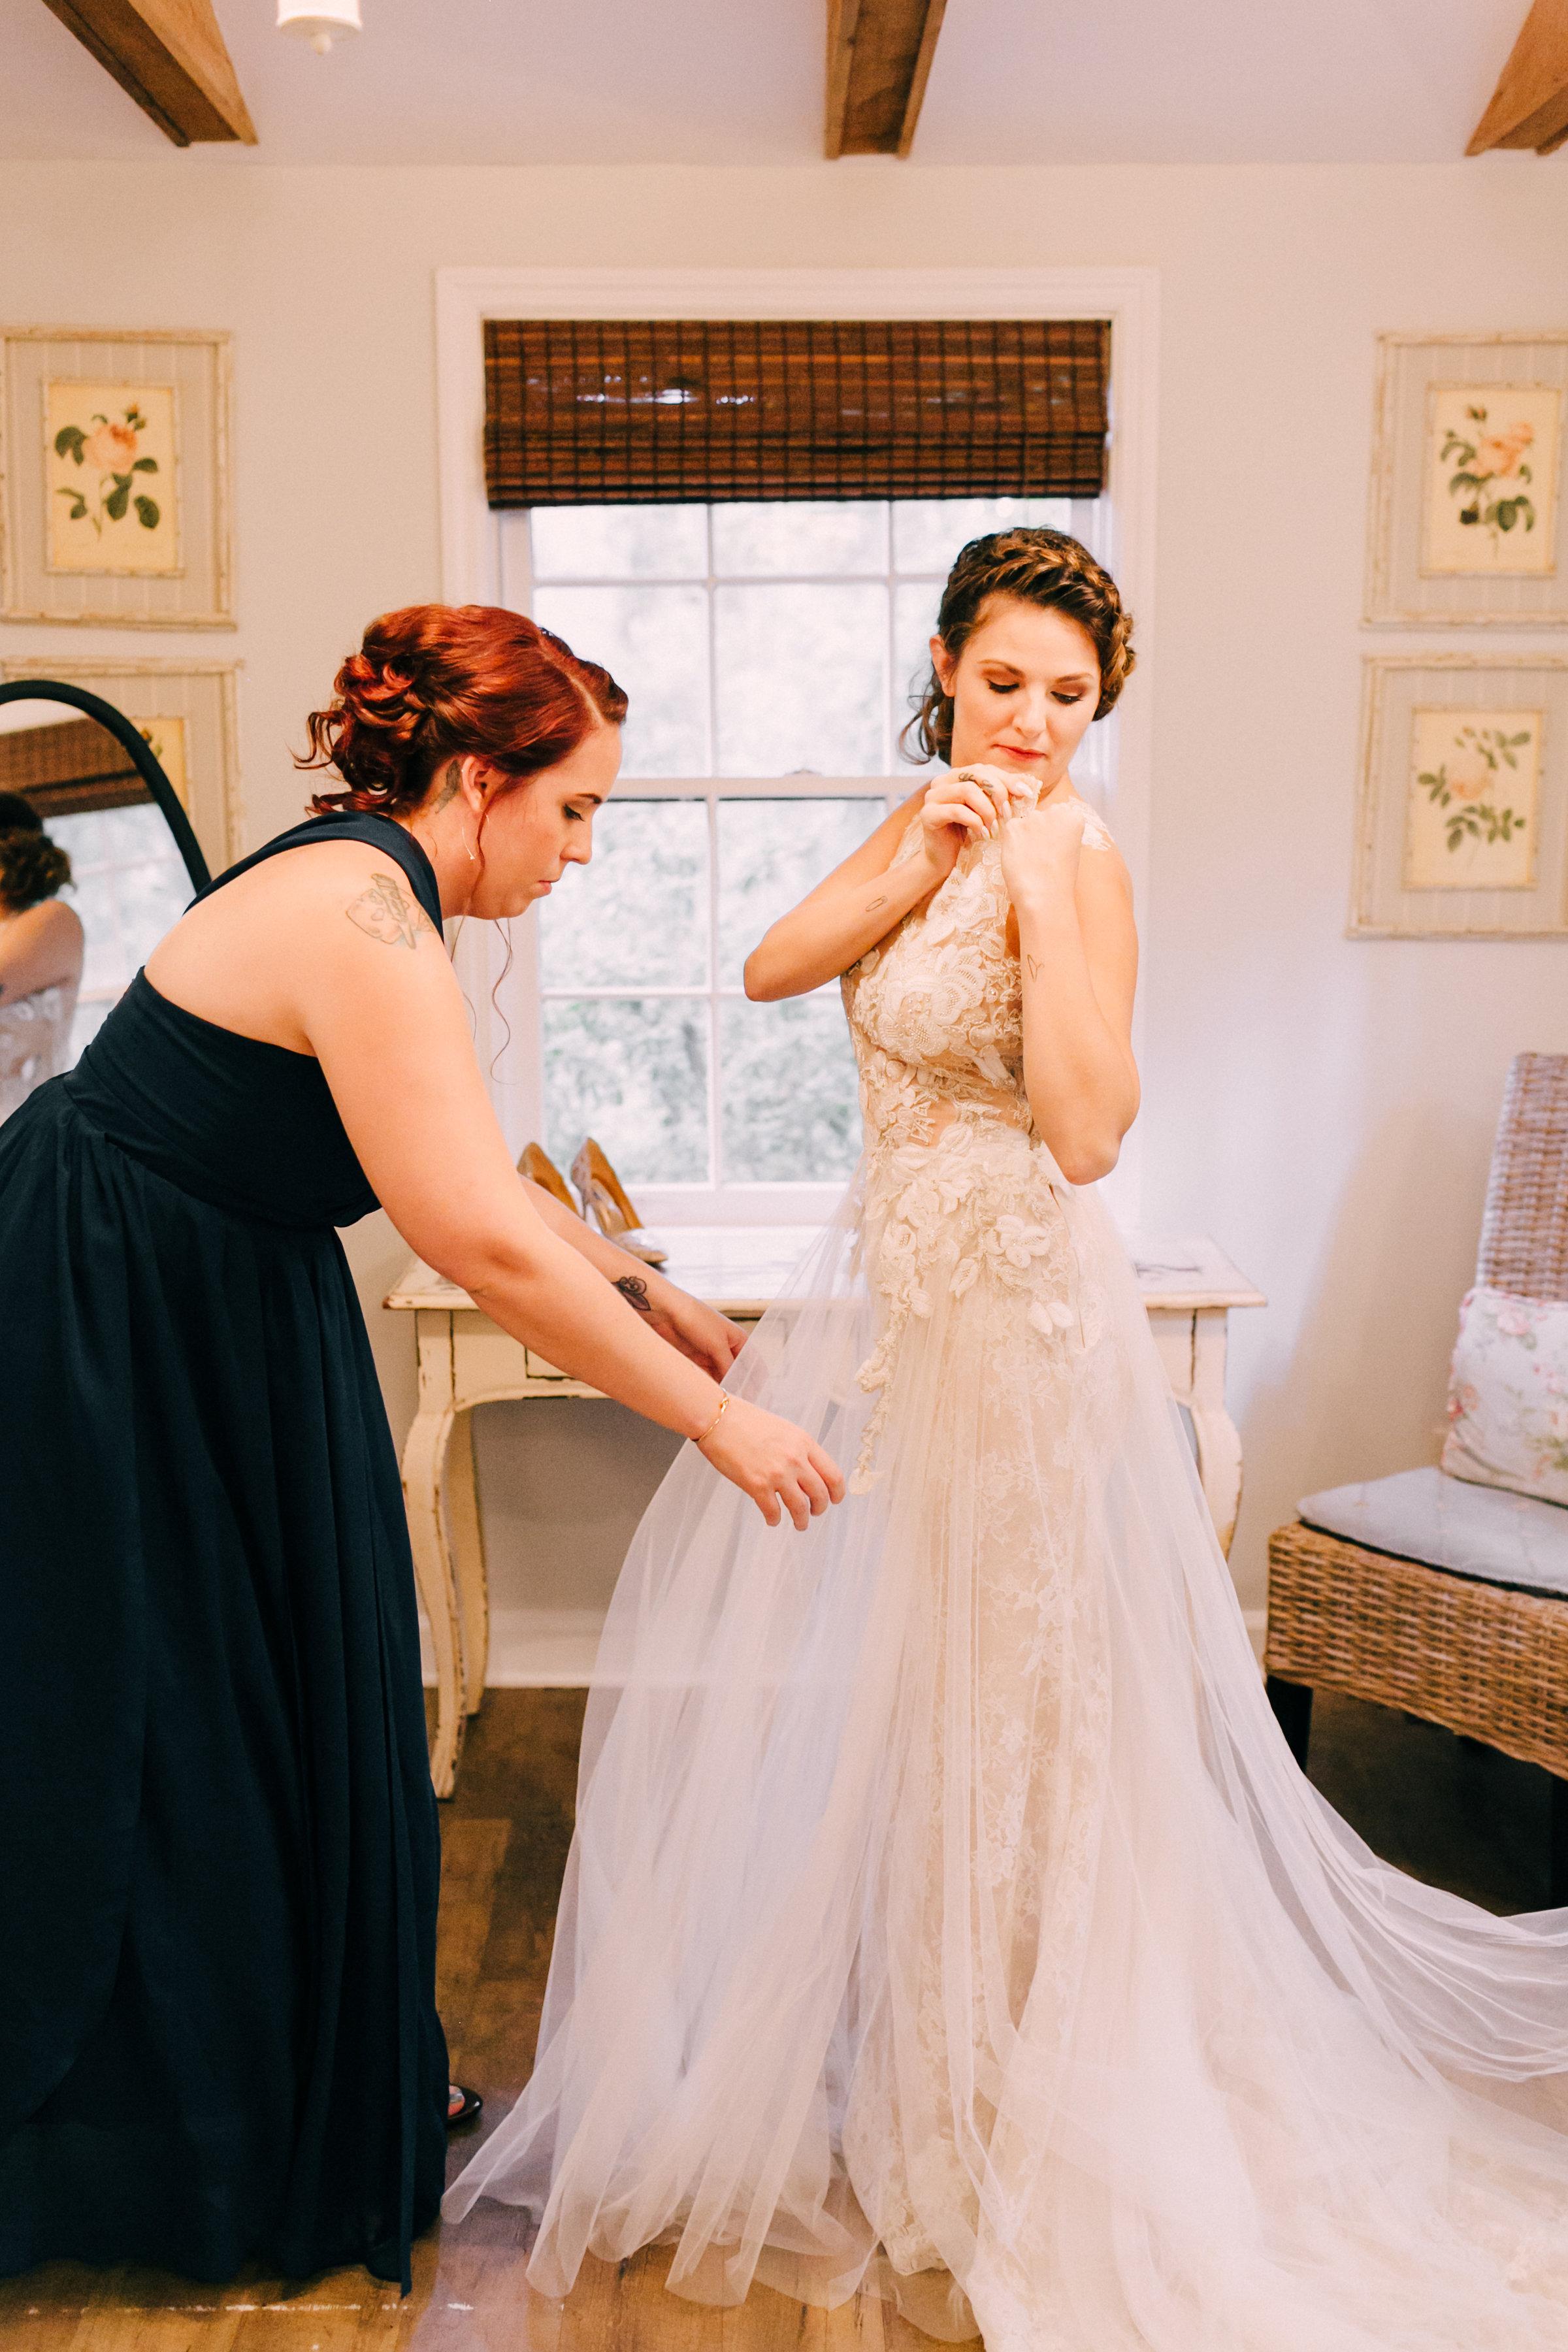 Sahra Getting Ready Wedding photo